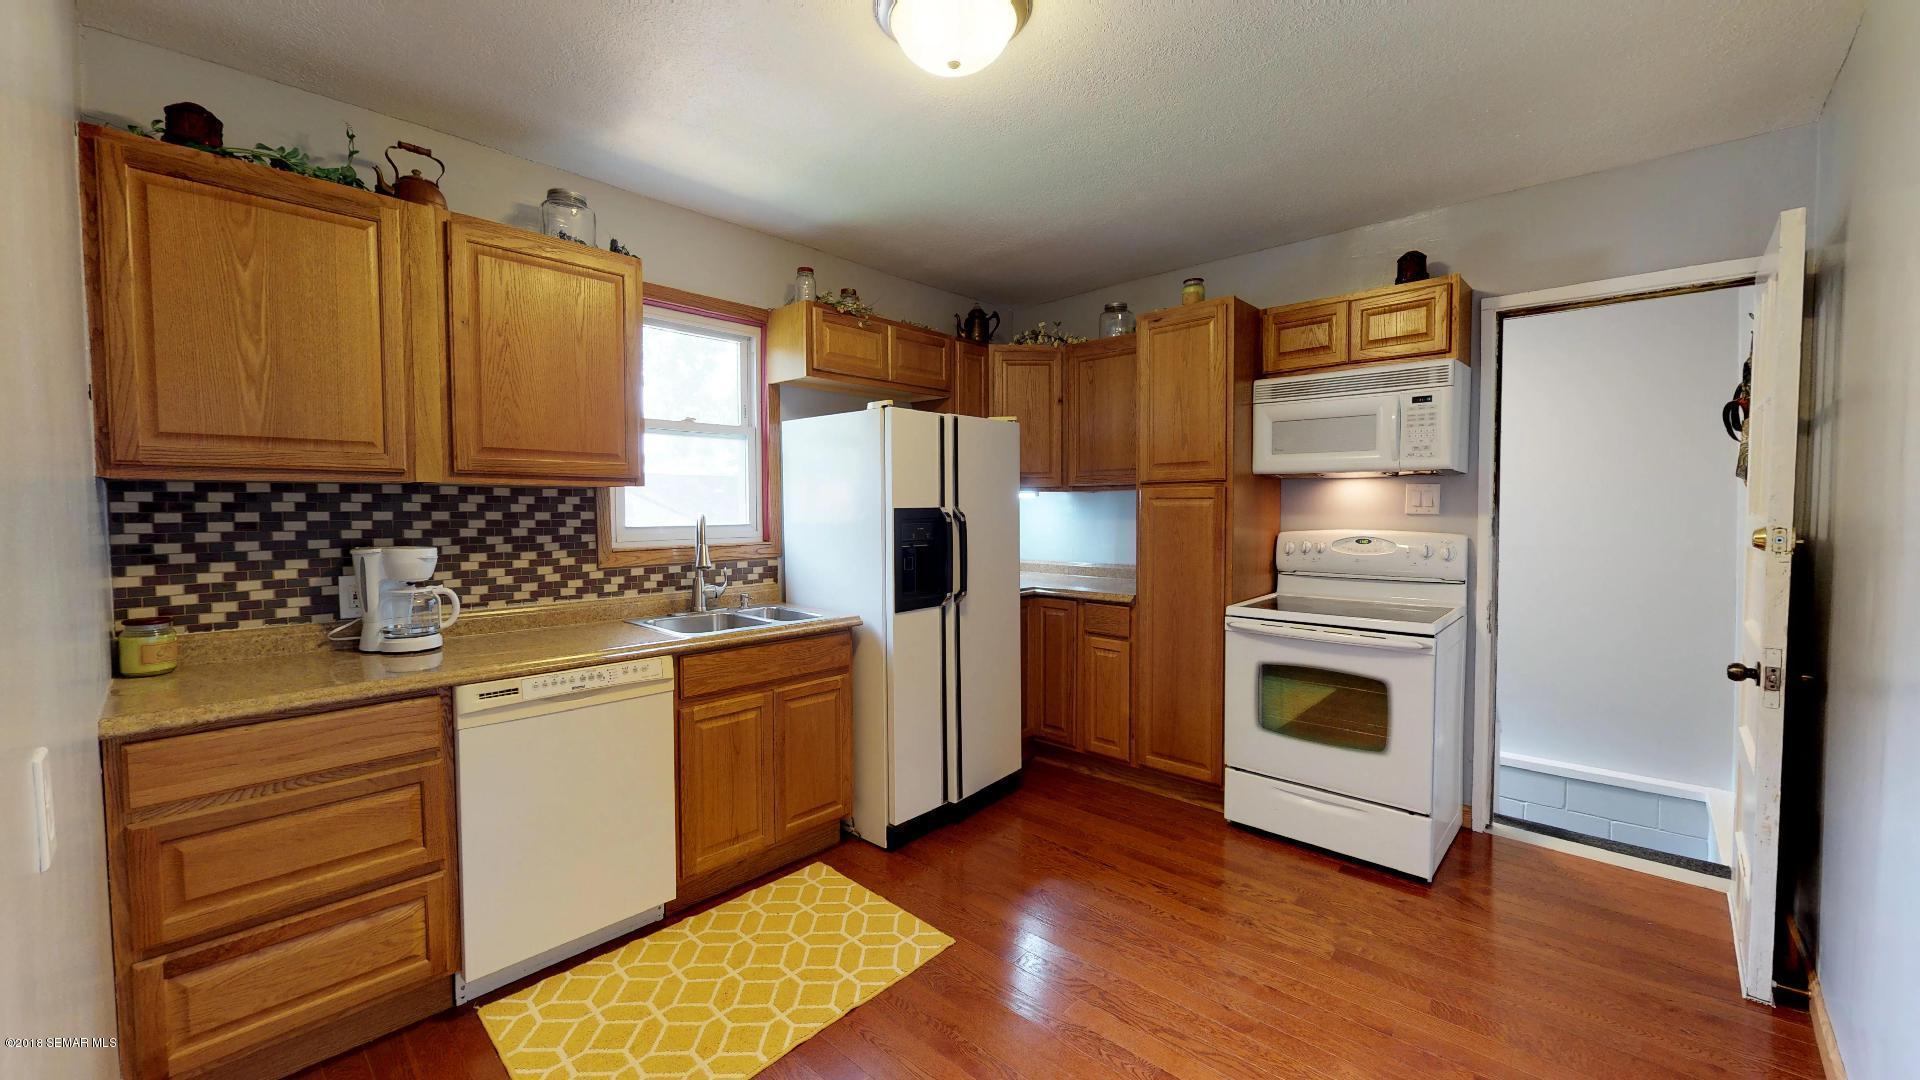 714 Lincoln Avenue Avenue Albert Lea, MN 56007 - MLS #: 4089013